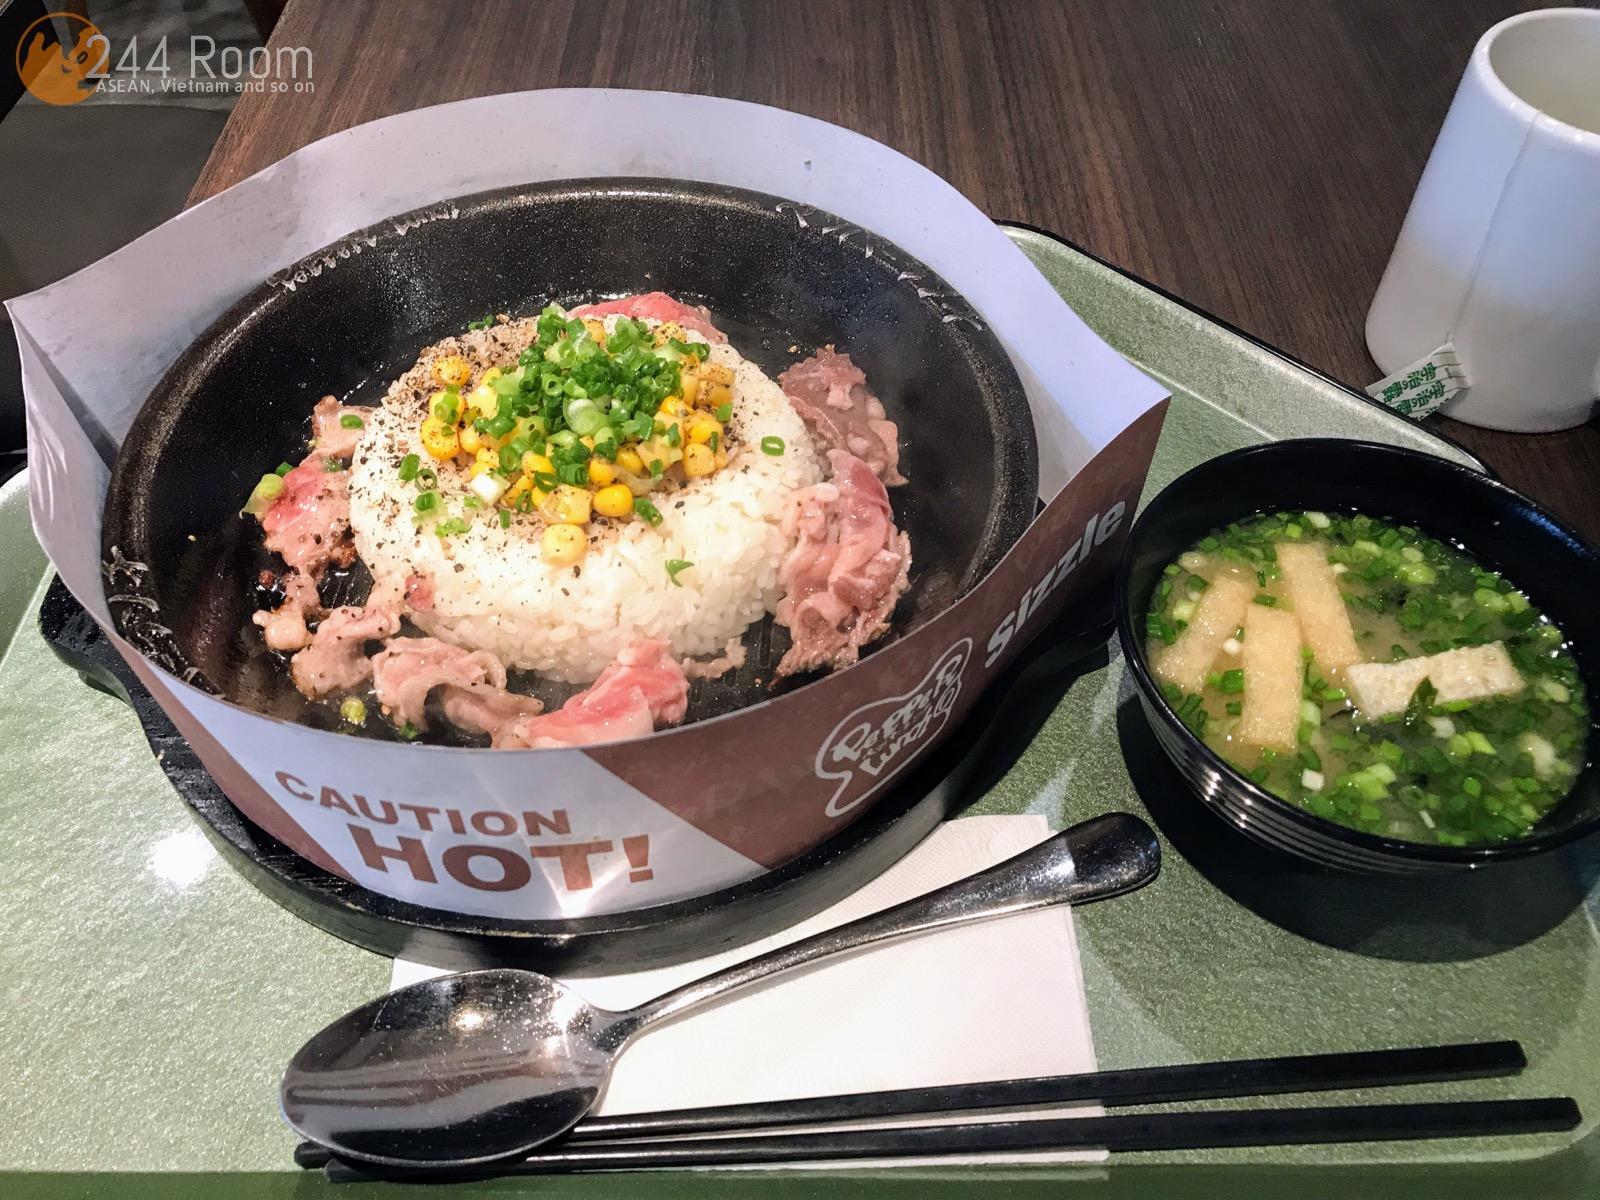 Pepper lunch hanoi ペッパーランチハノイビーフペッパーライス